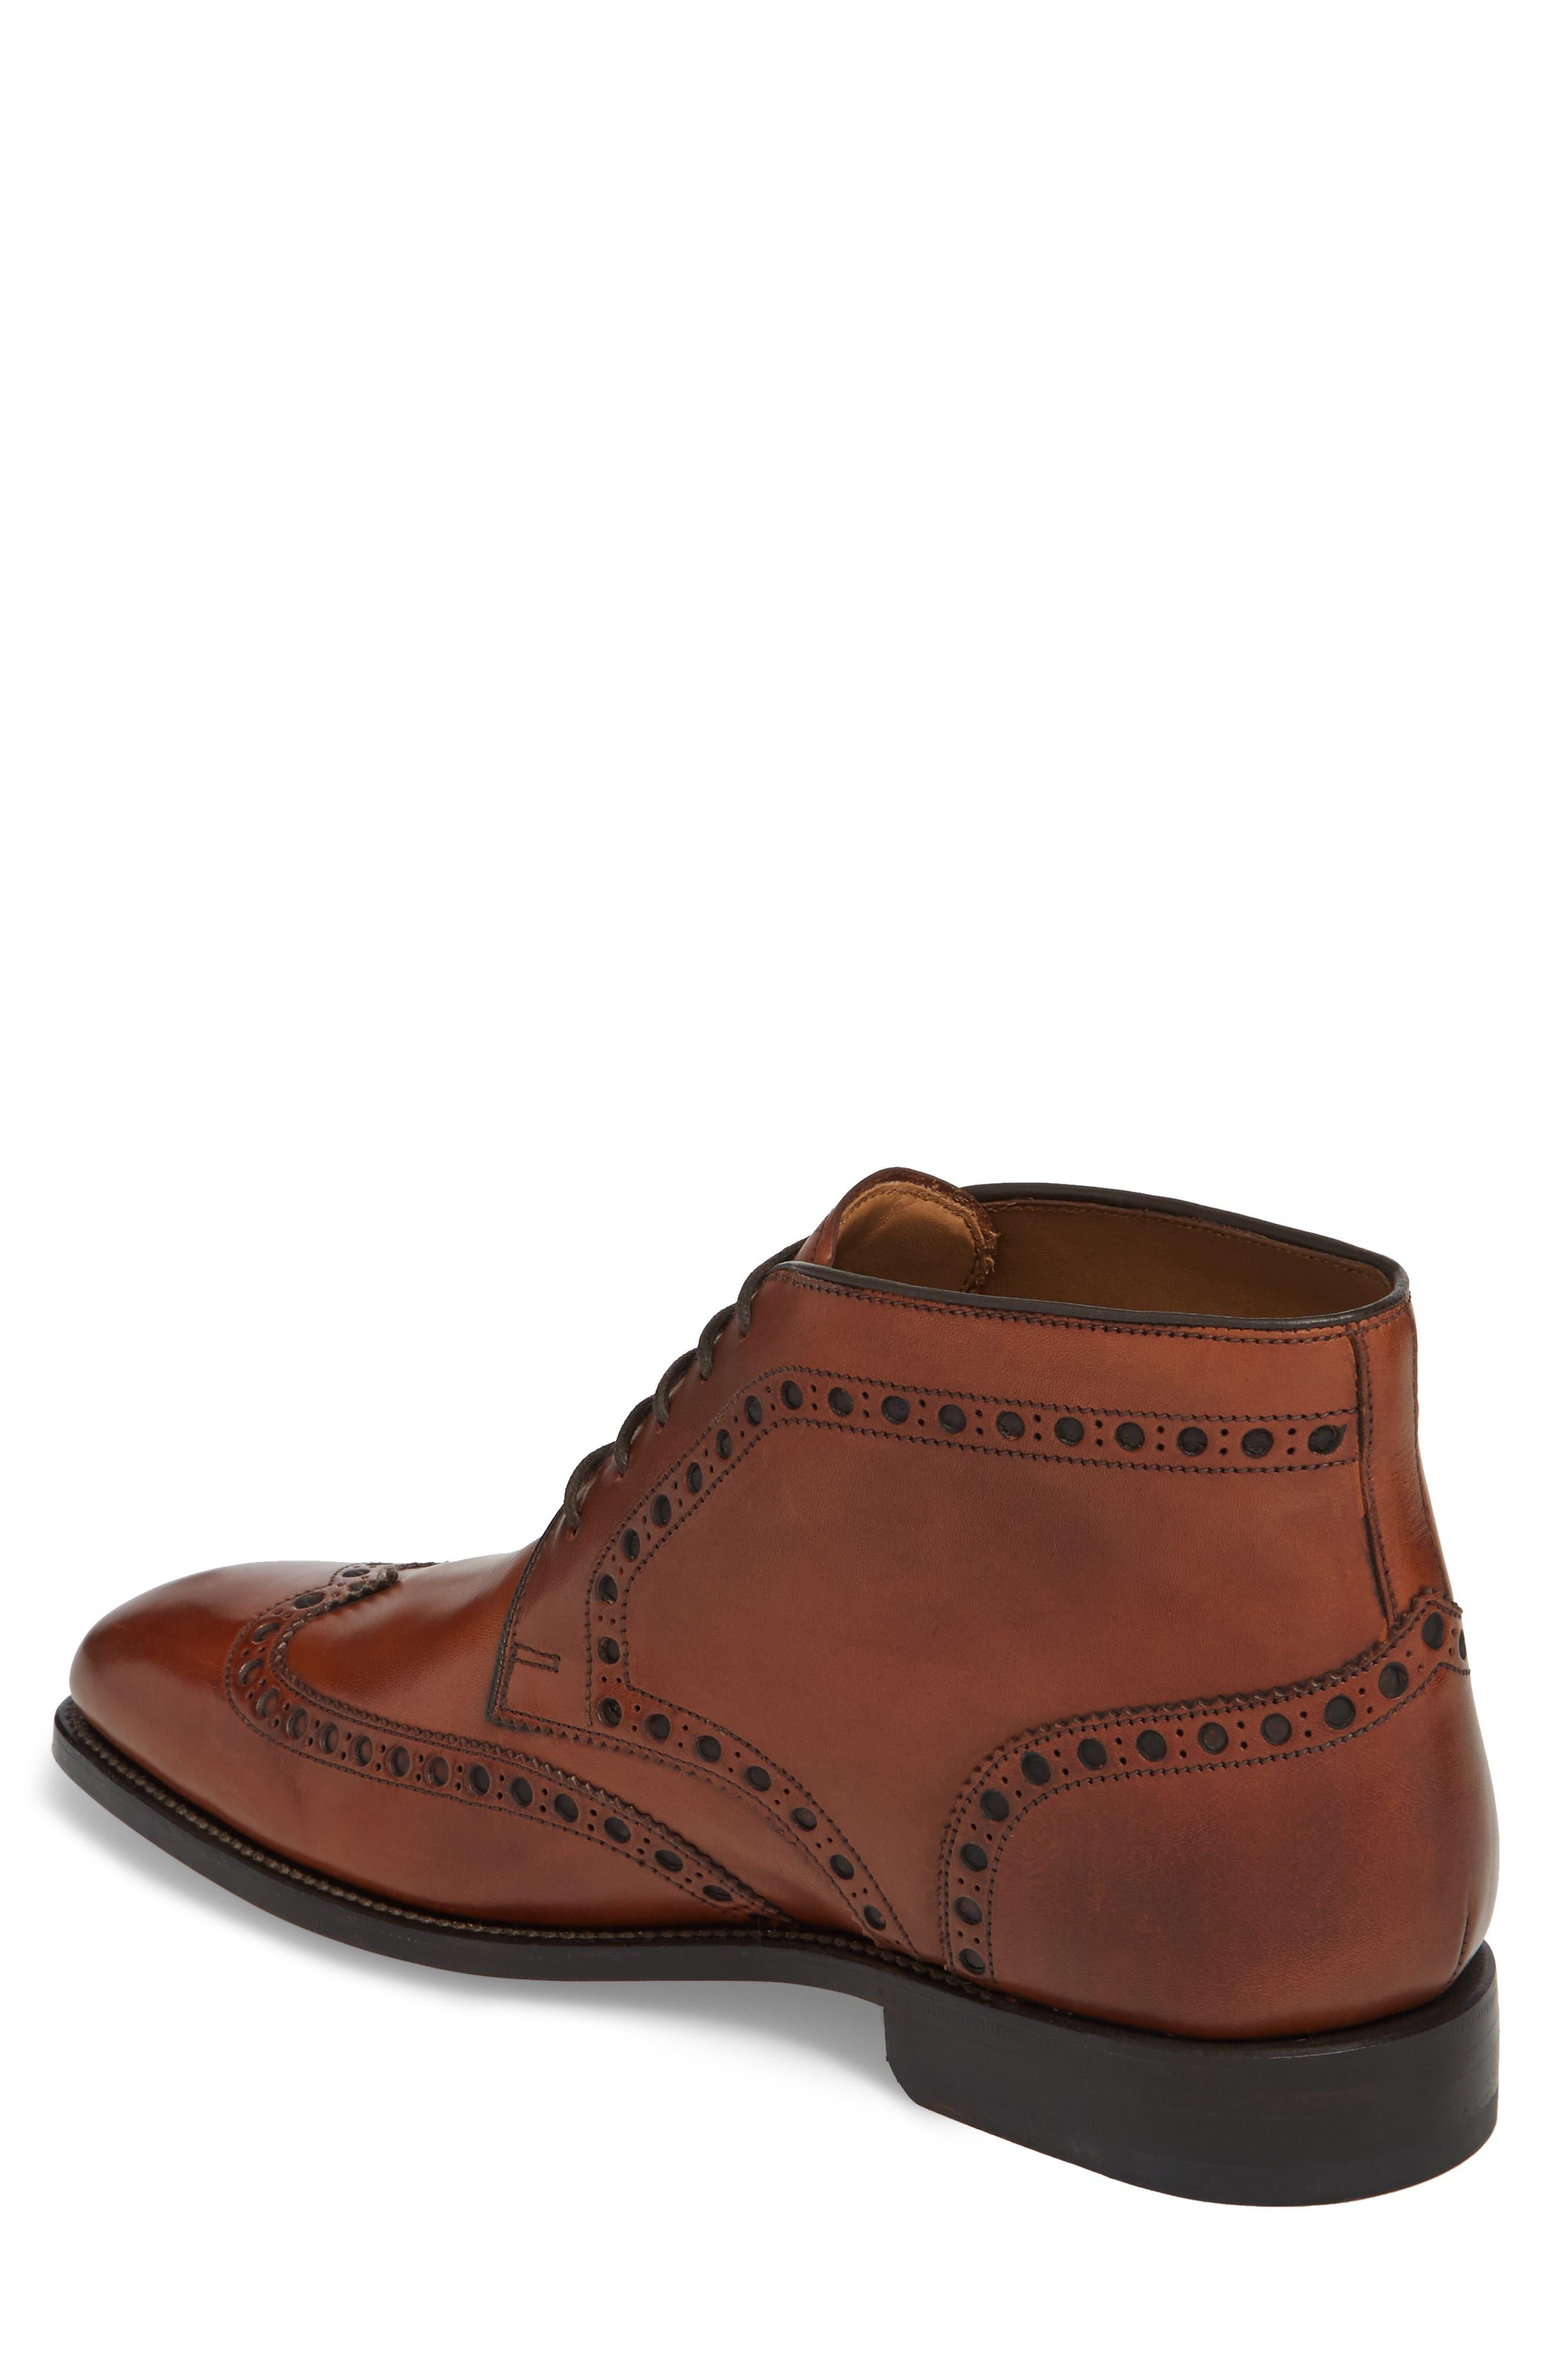 Presidio Wingtip Chukka Boot,                             Alternate thumbnail 2, color,                             Cognac